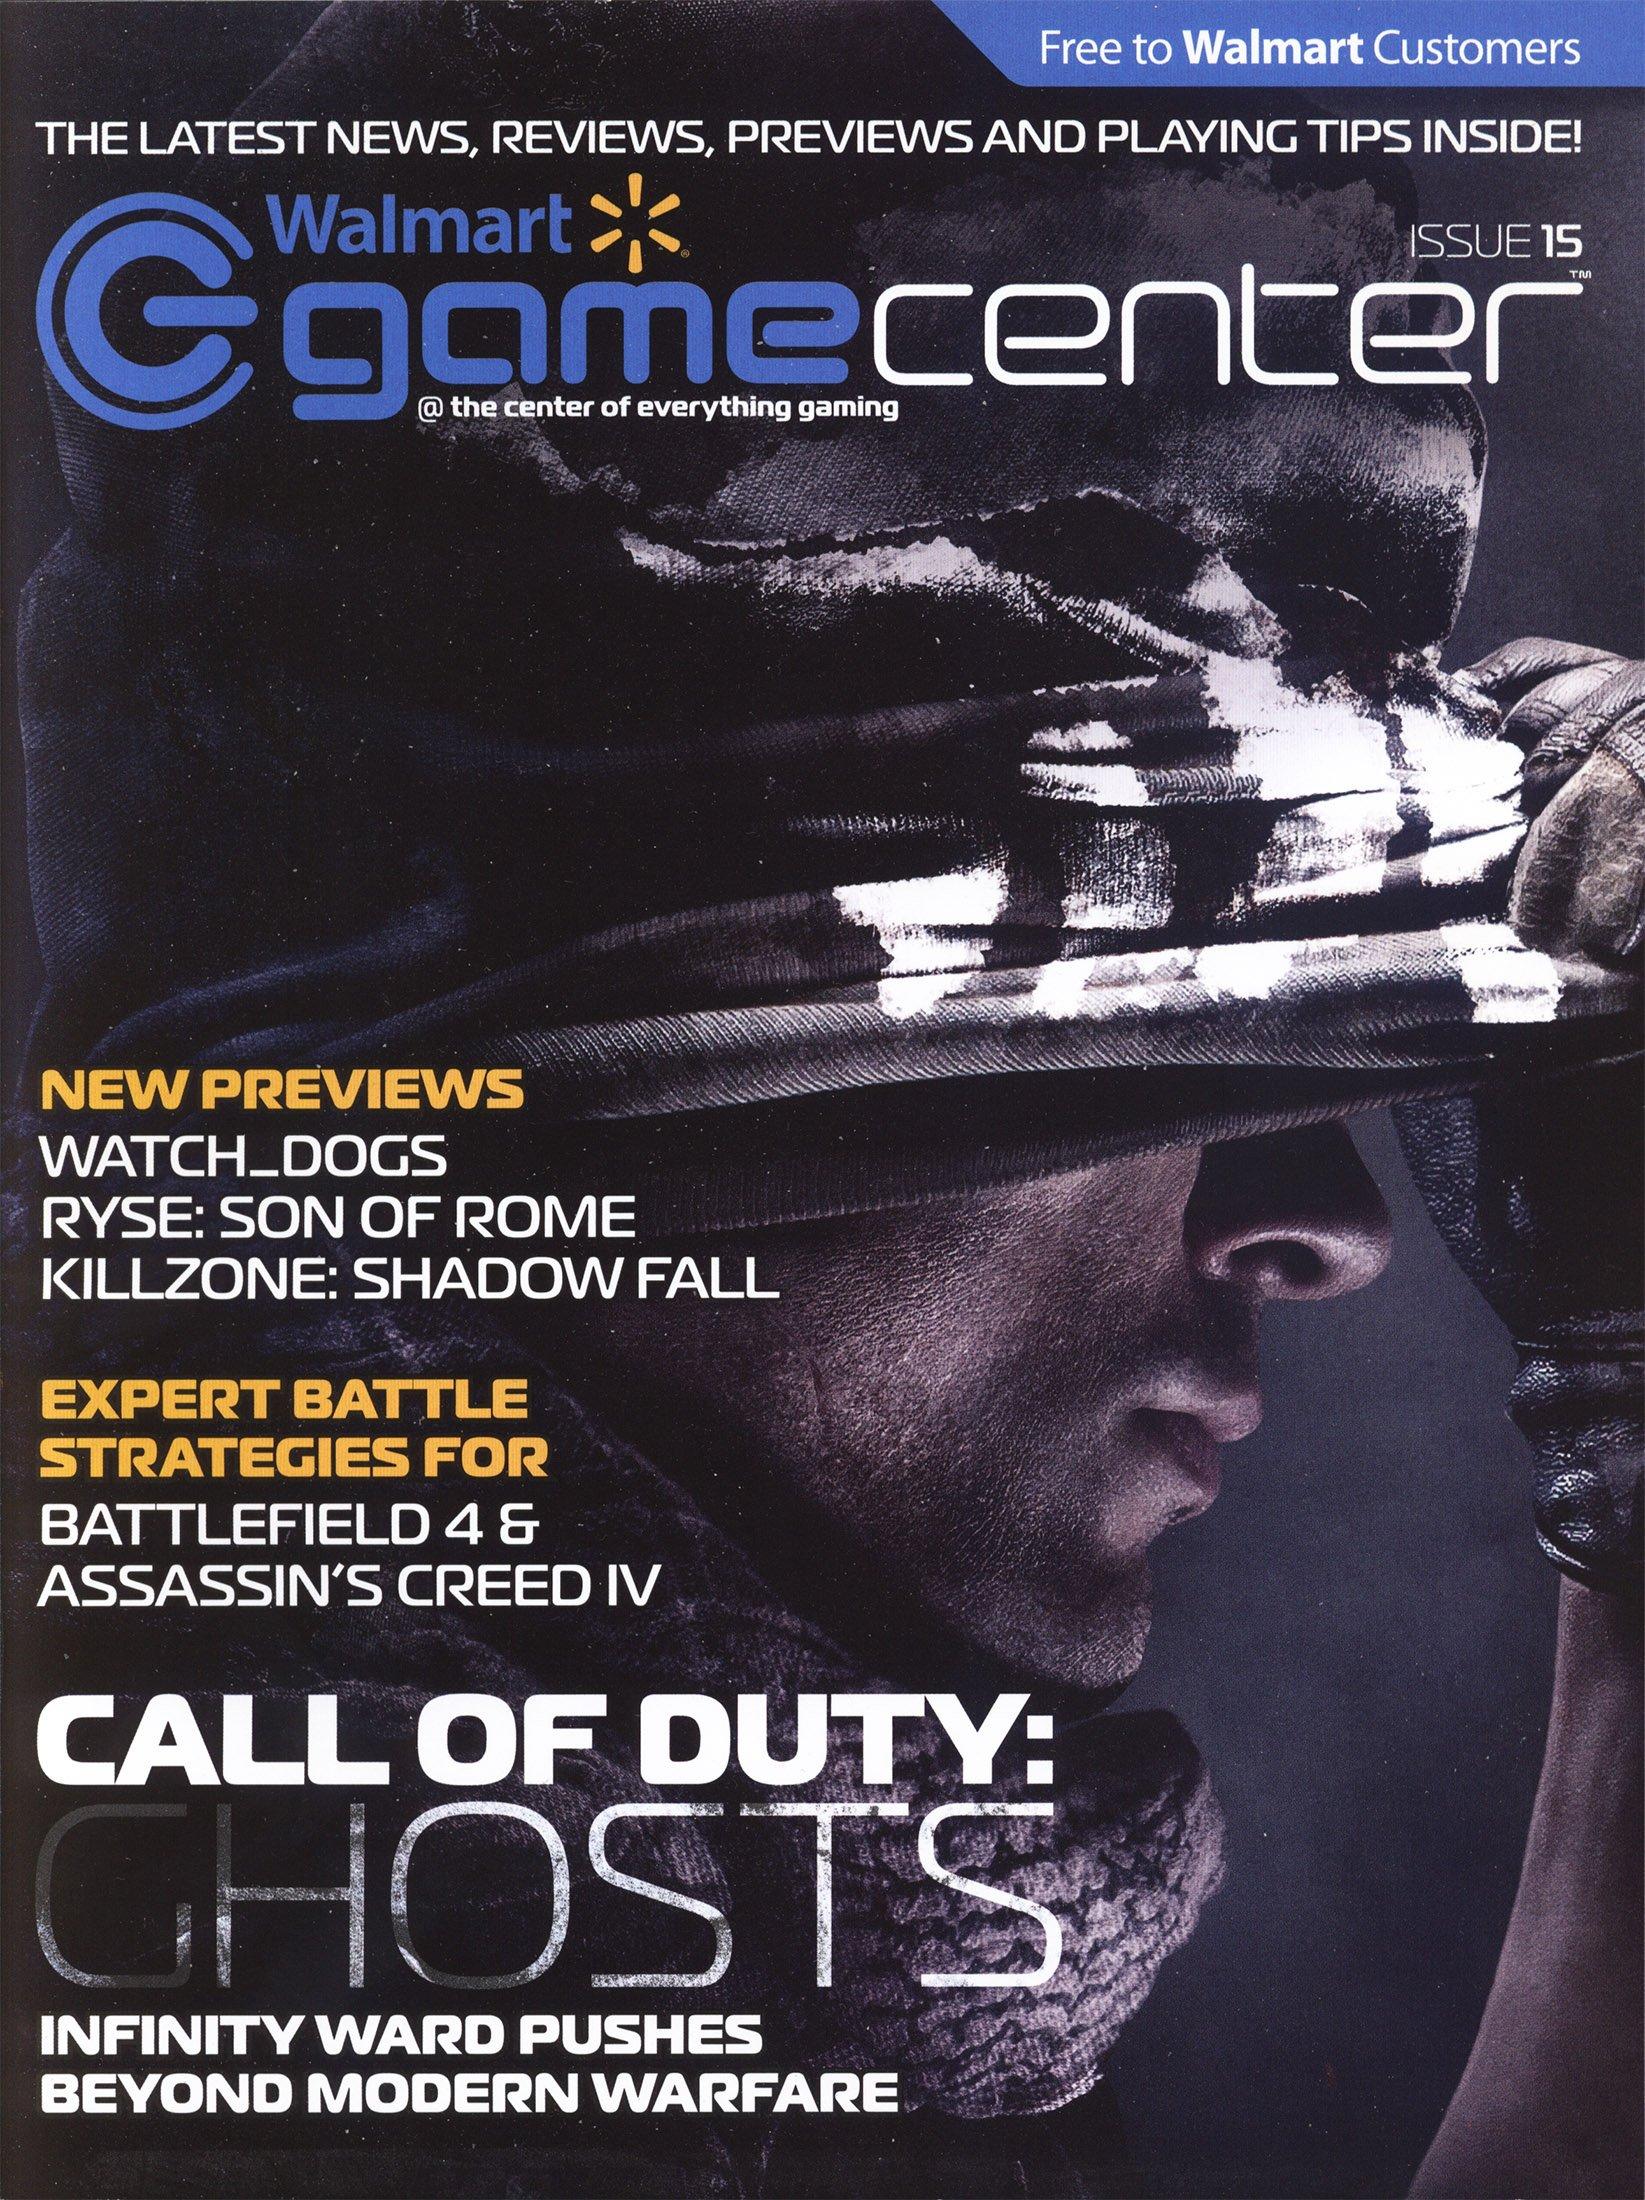 Walmart GameCenter Issue 015